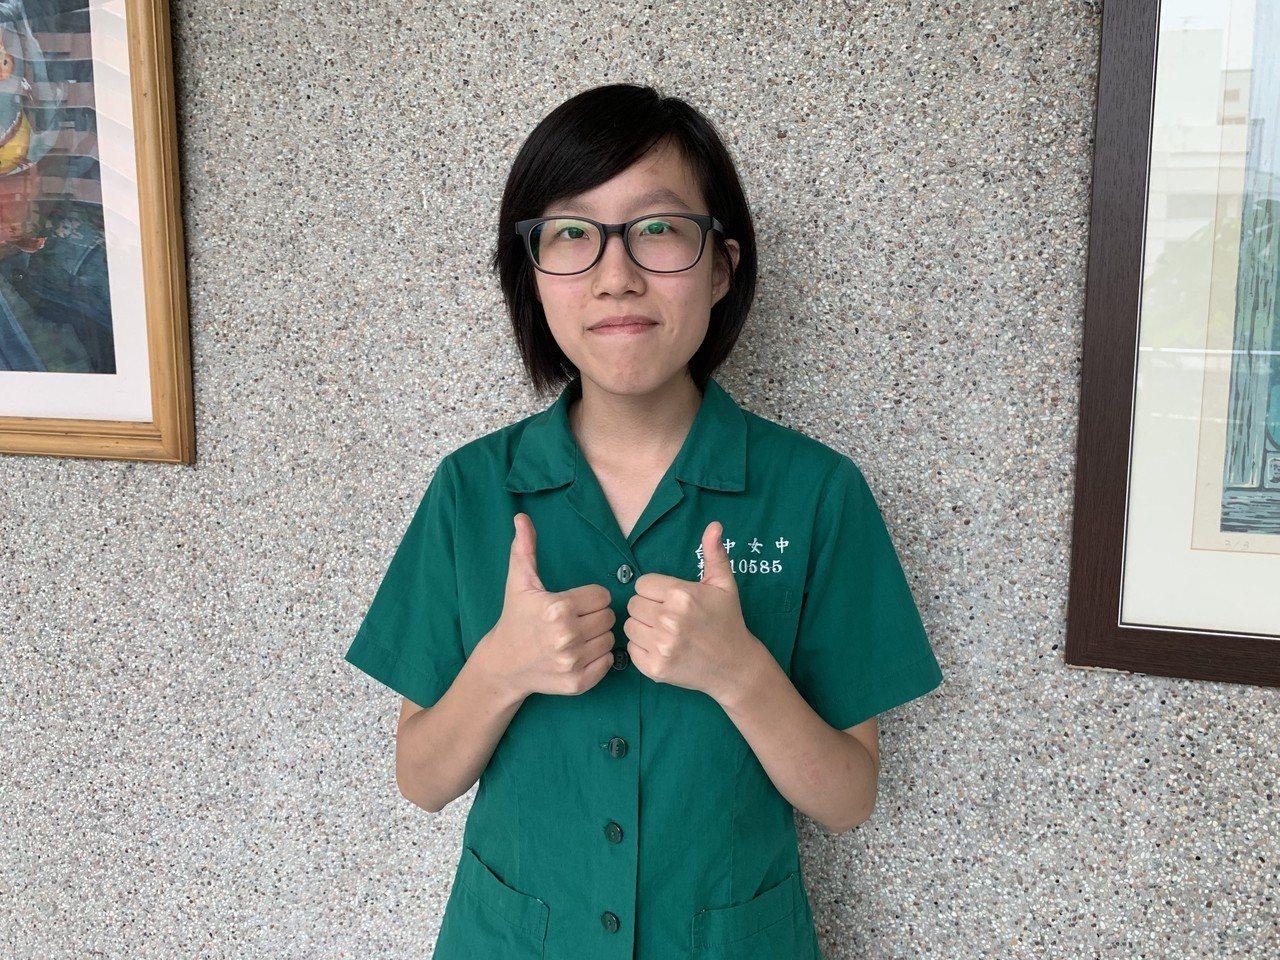 台灣大學申請入學昨天放榜,台中女中林芸平從小學就熱愛電腦程式,今年申請錄取台大、...